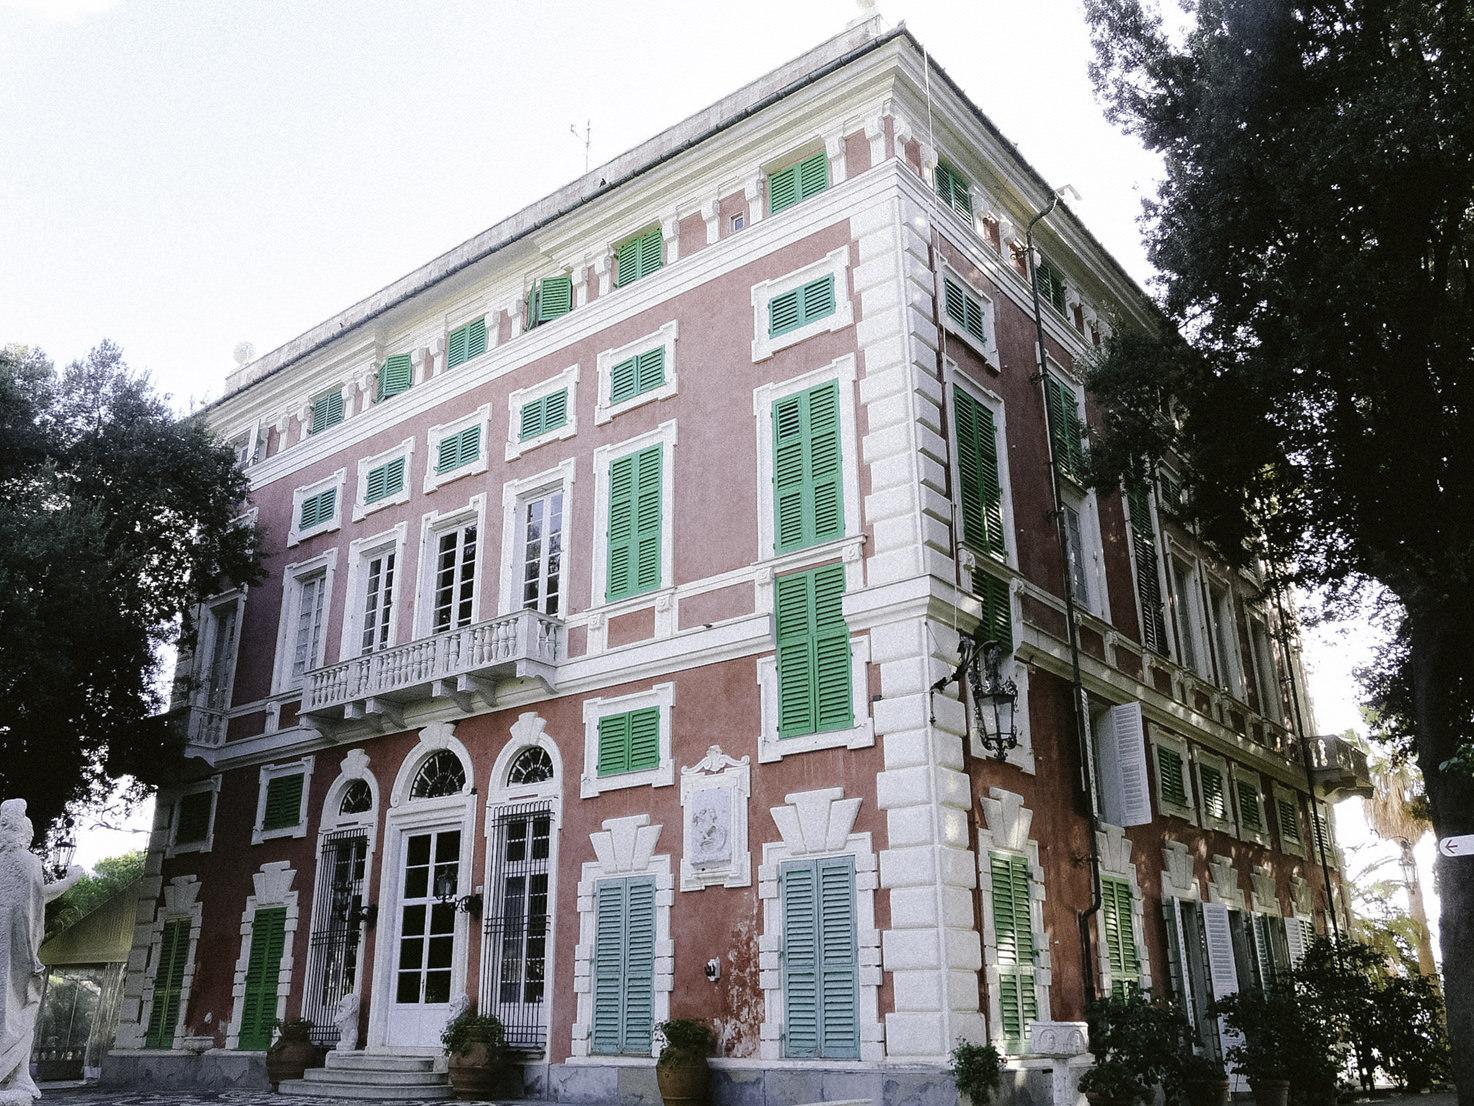 Façade of Villa Durazzo